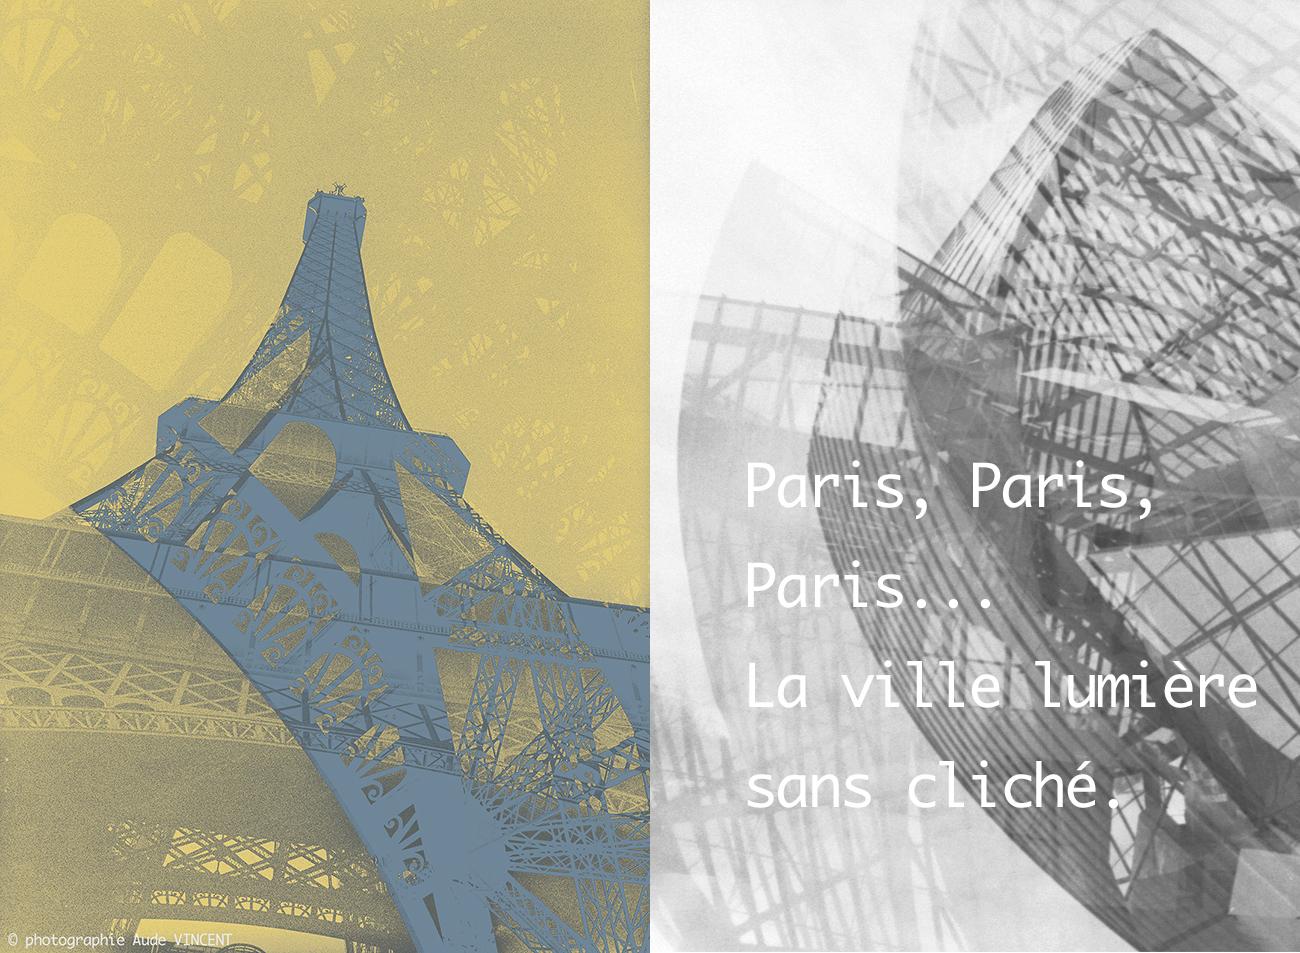 Paris, Paris, Paris, la ville lumière sans cliché / Paris, Paris, Paris, the City of light without cliché